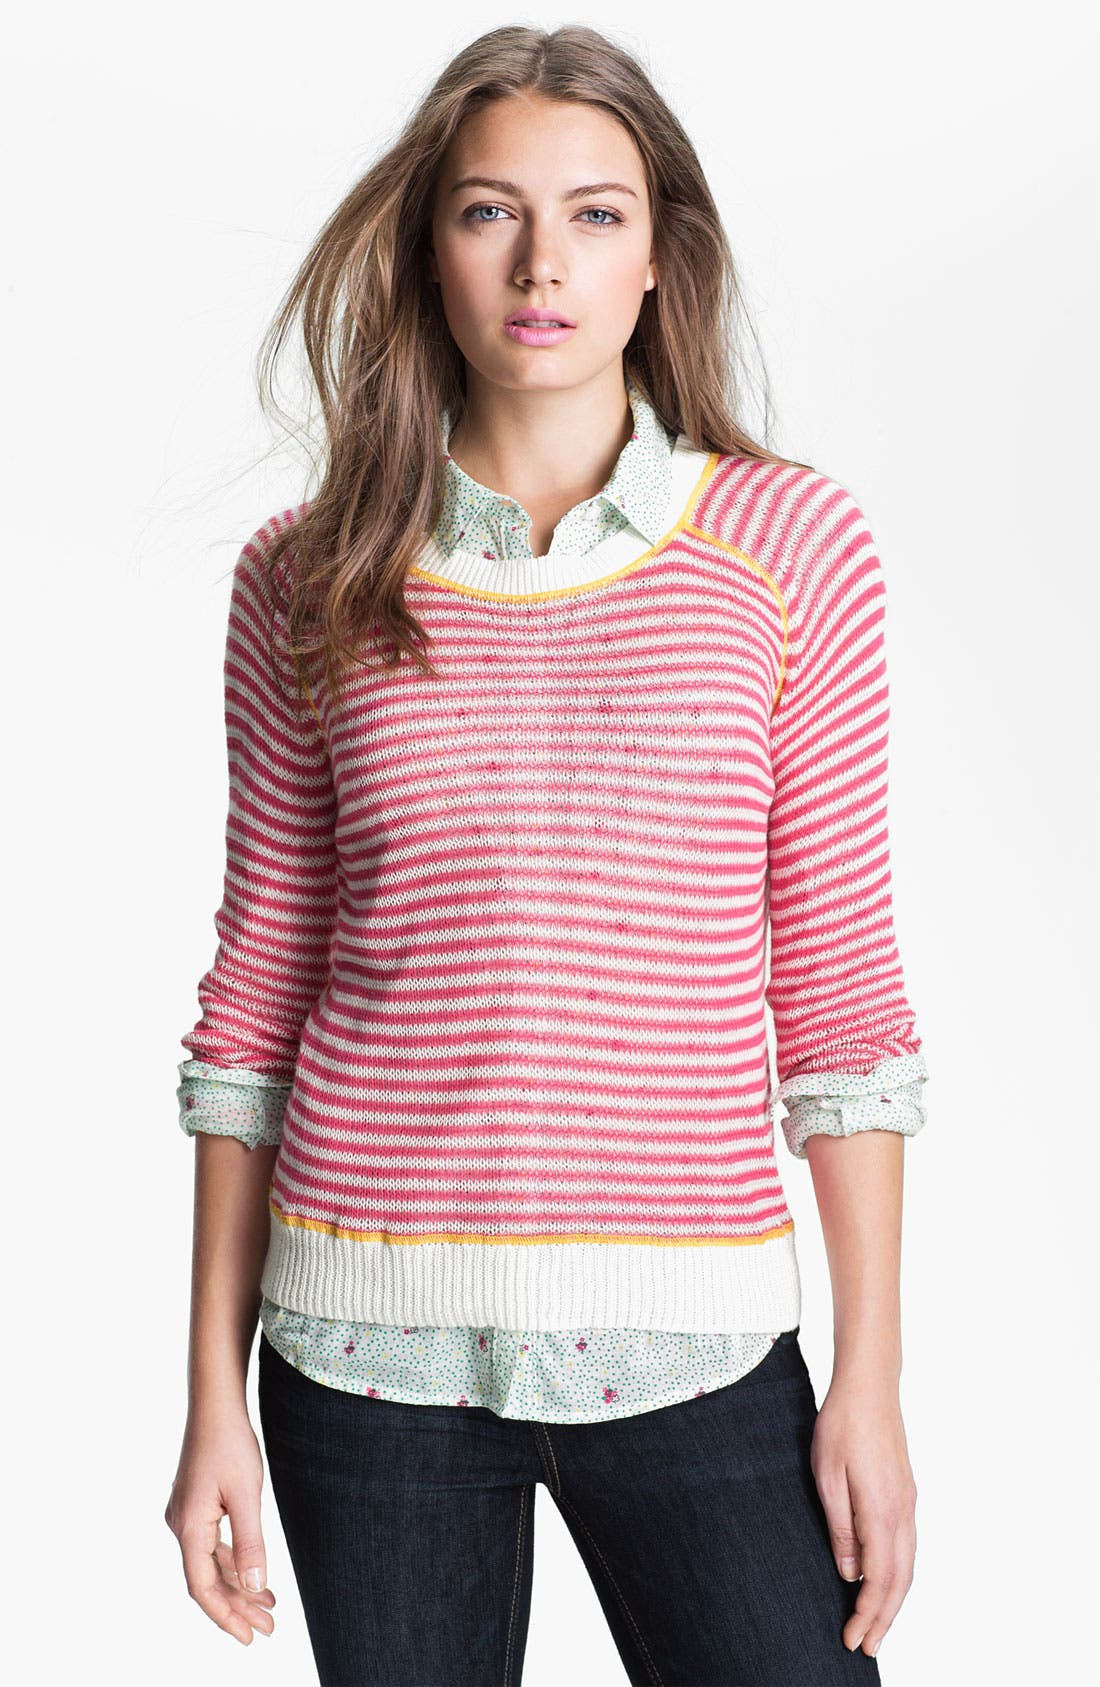 Alternate Image 1 Selected - Caslon Contrast Stitch Crewneck Sweater (Petite)